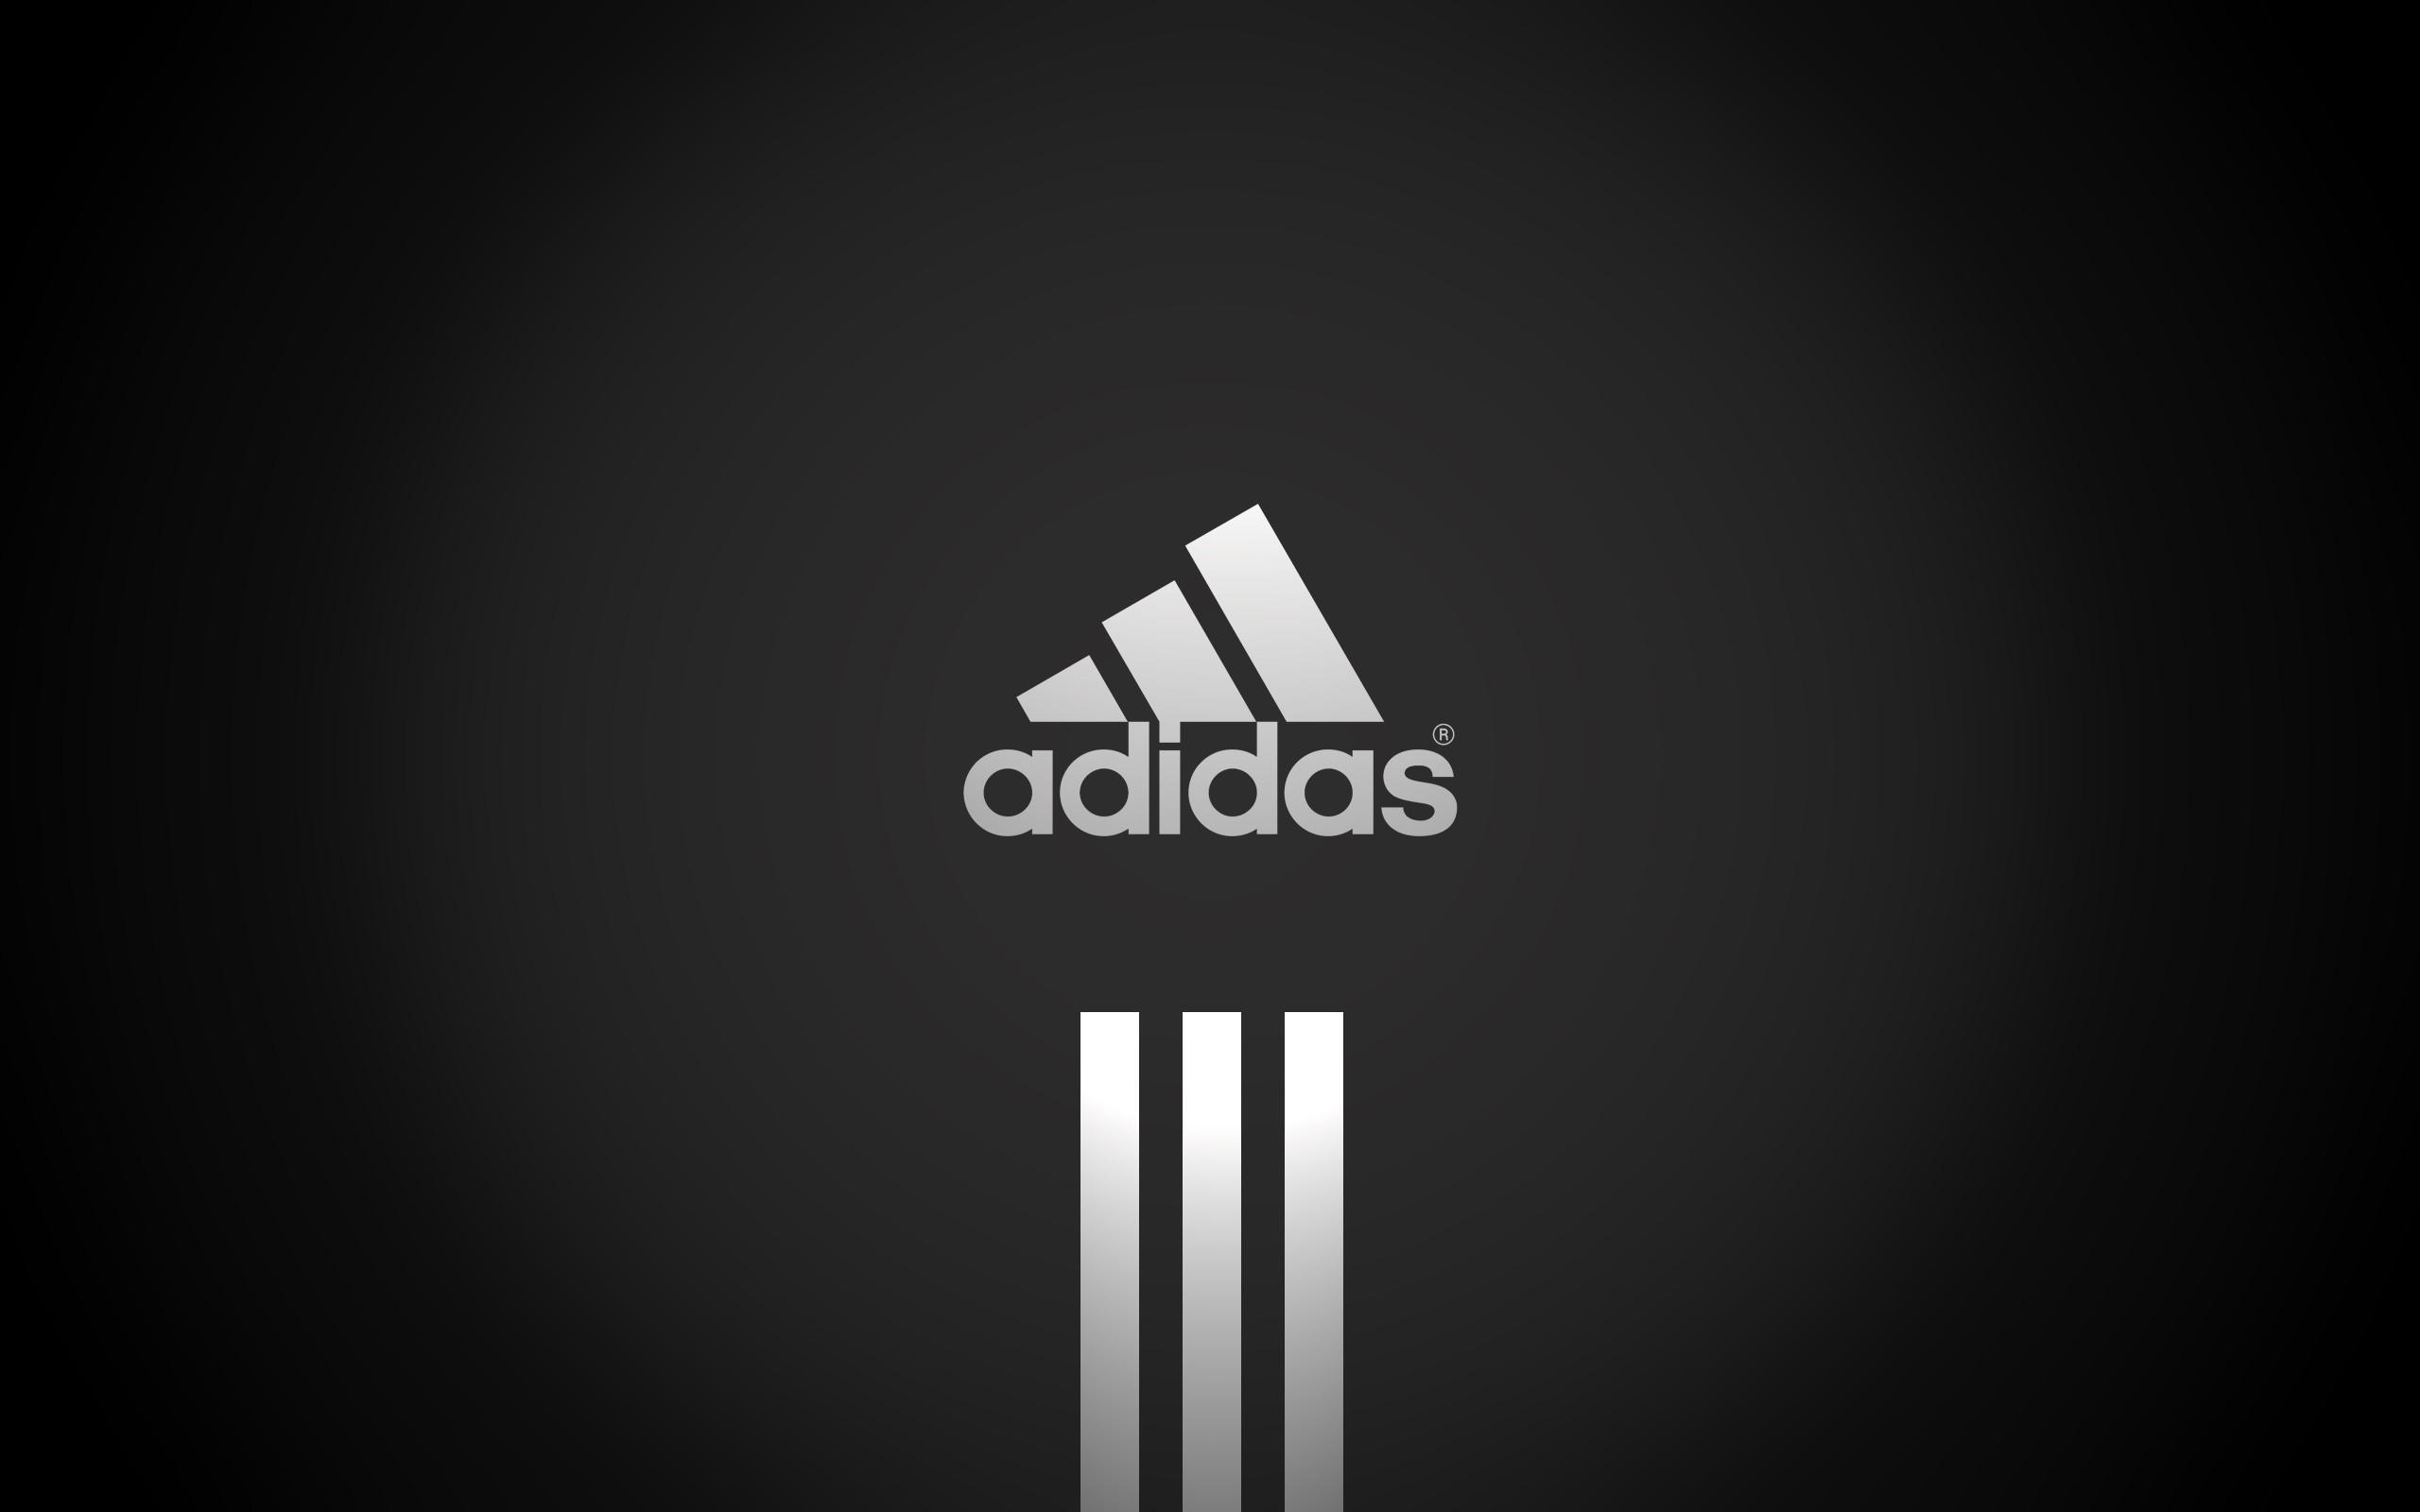 Adidias brand